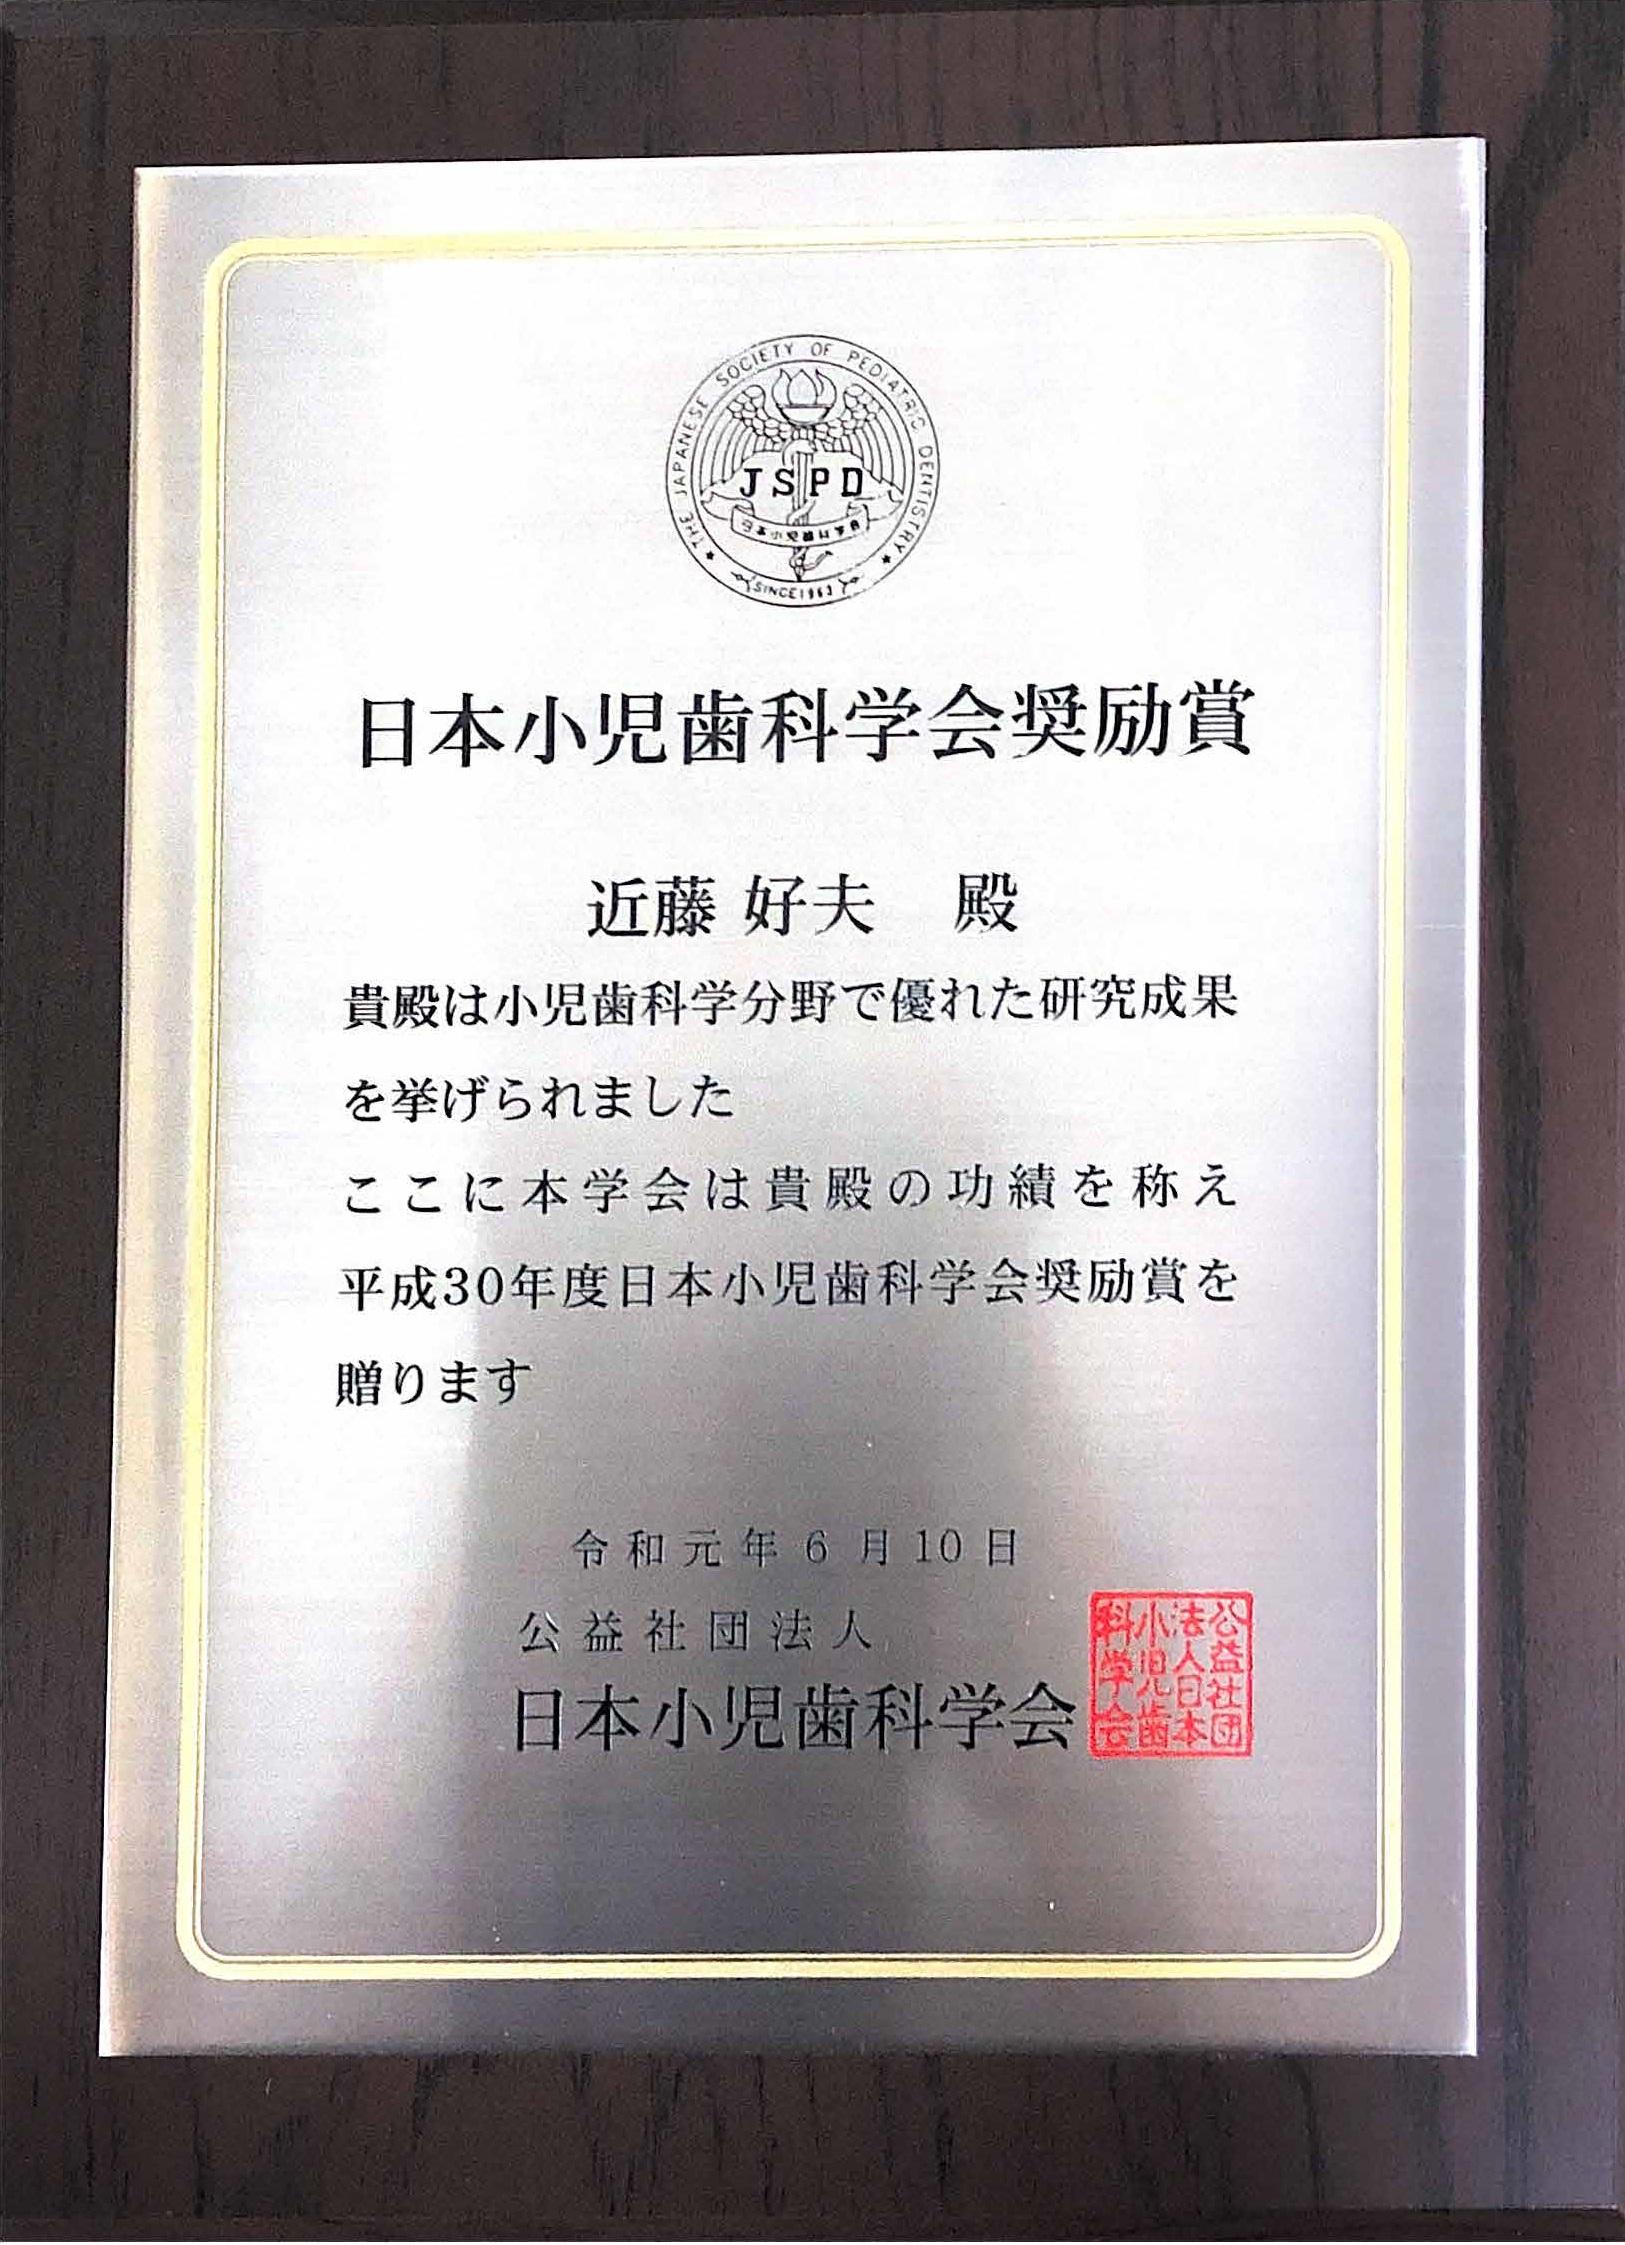 日本小児歯科学会奨励賞